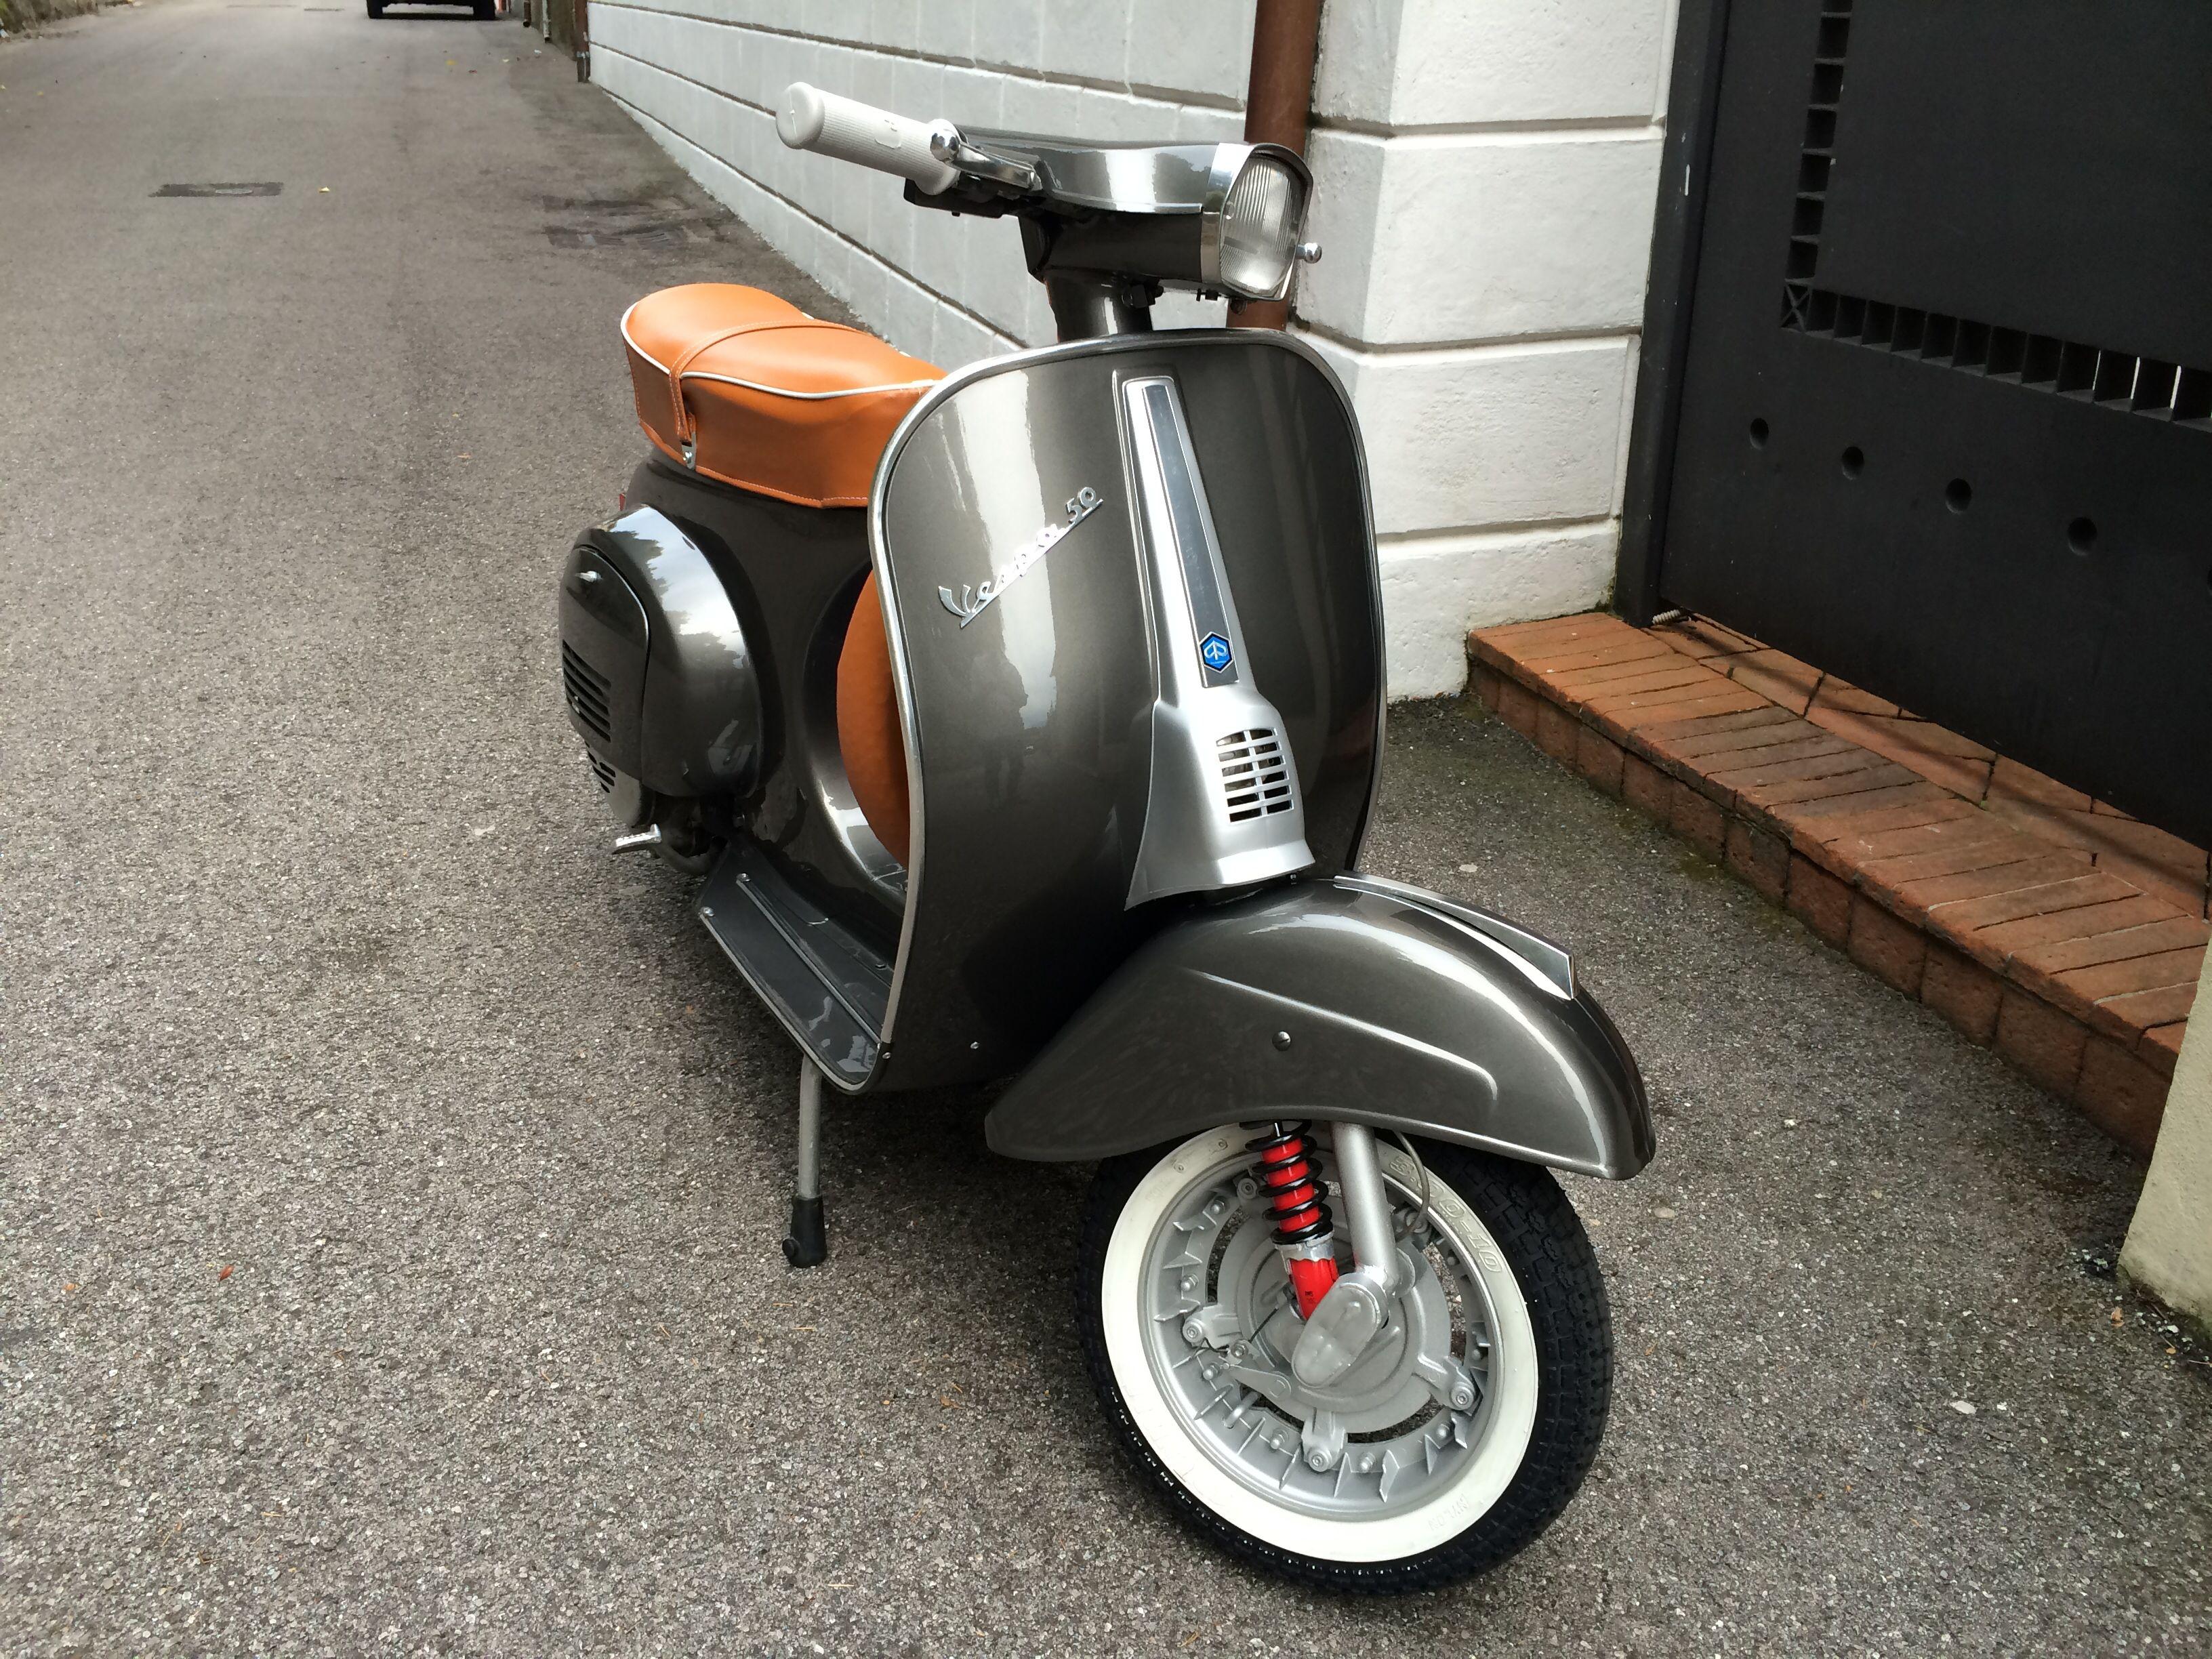 1981 vespa 50 special scooters pinterest vespa 50. Black Bedroom Furniture Sets. Home Design Ideas